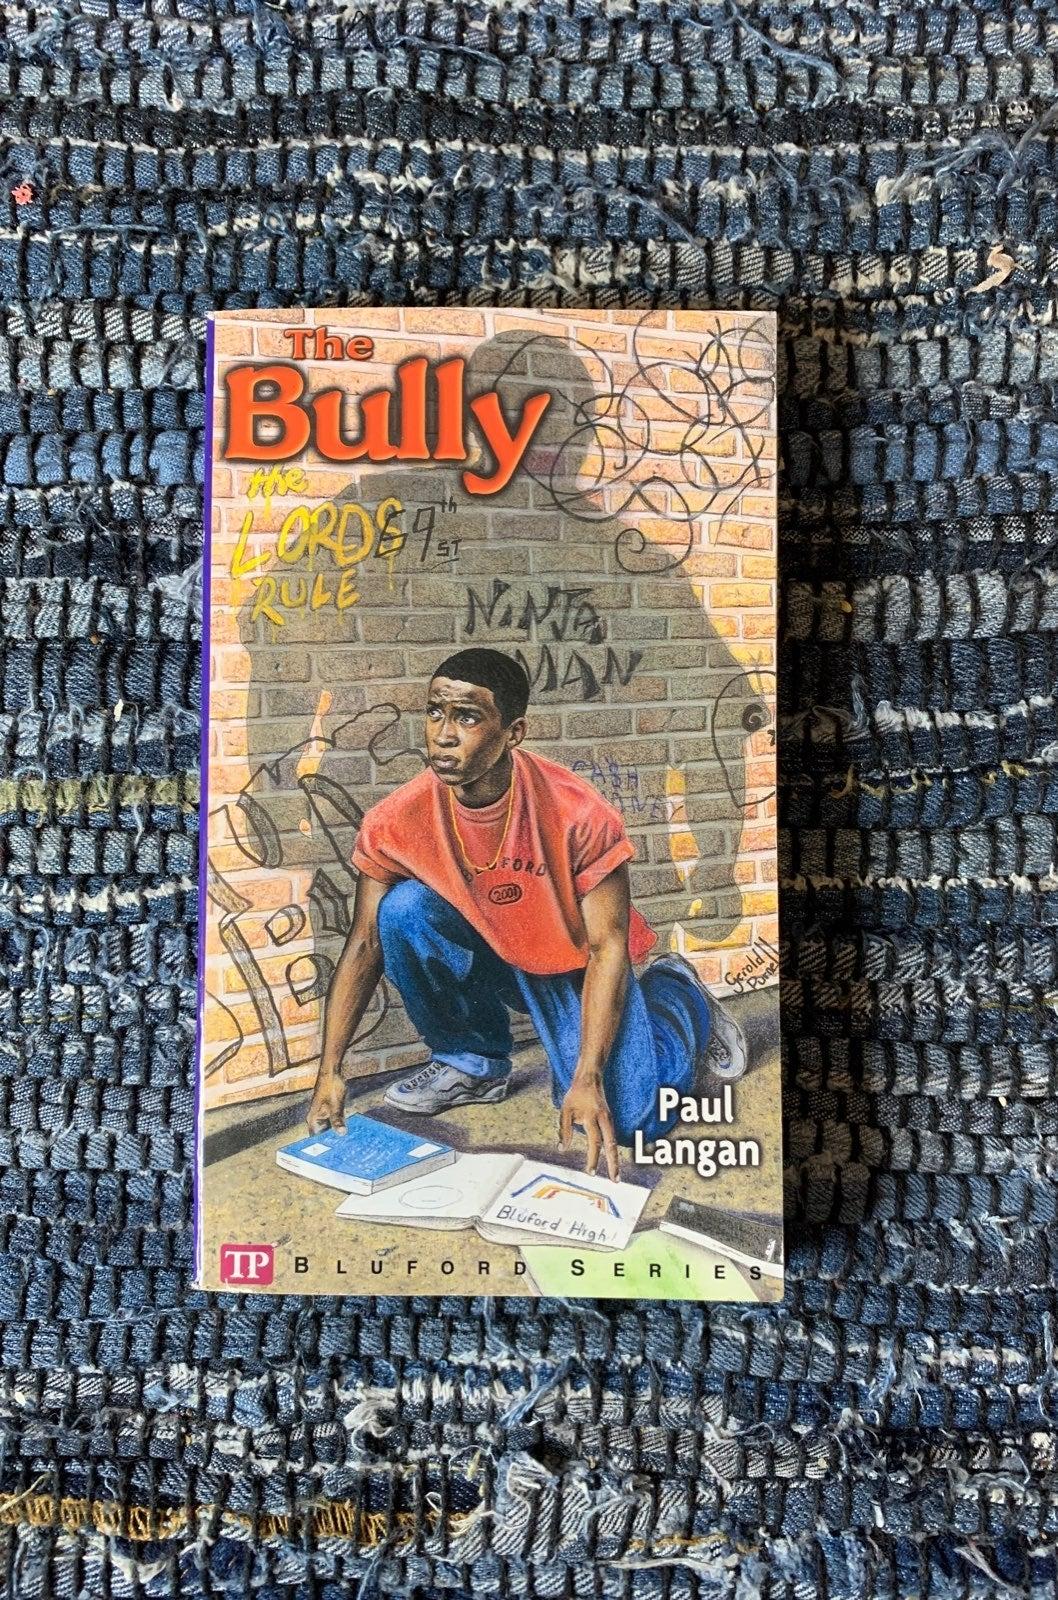 The bully by paul langan